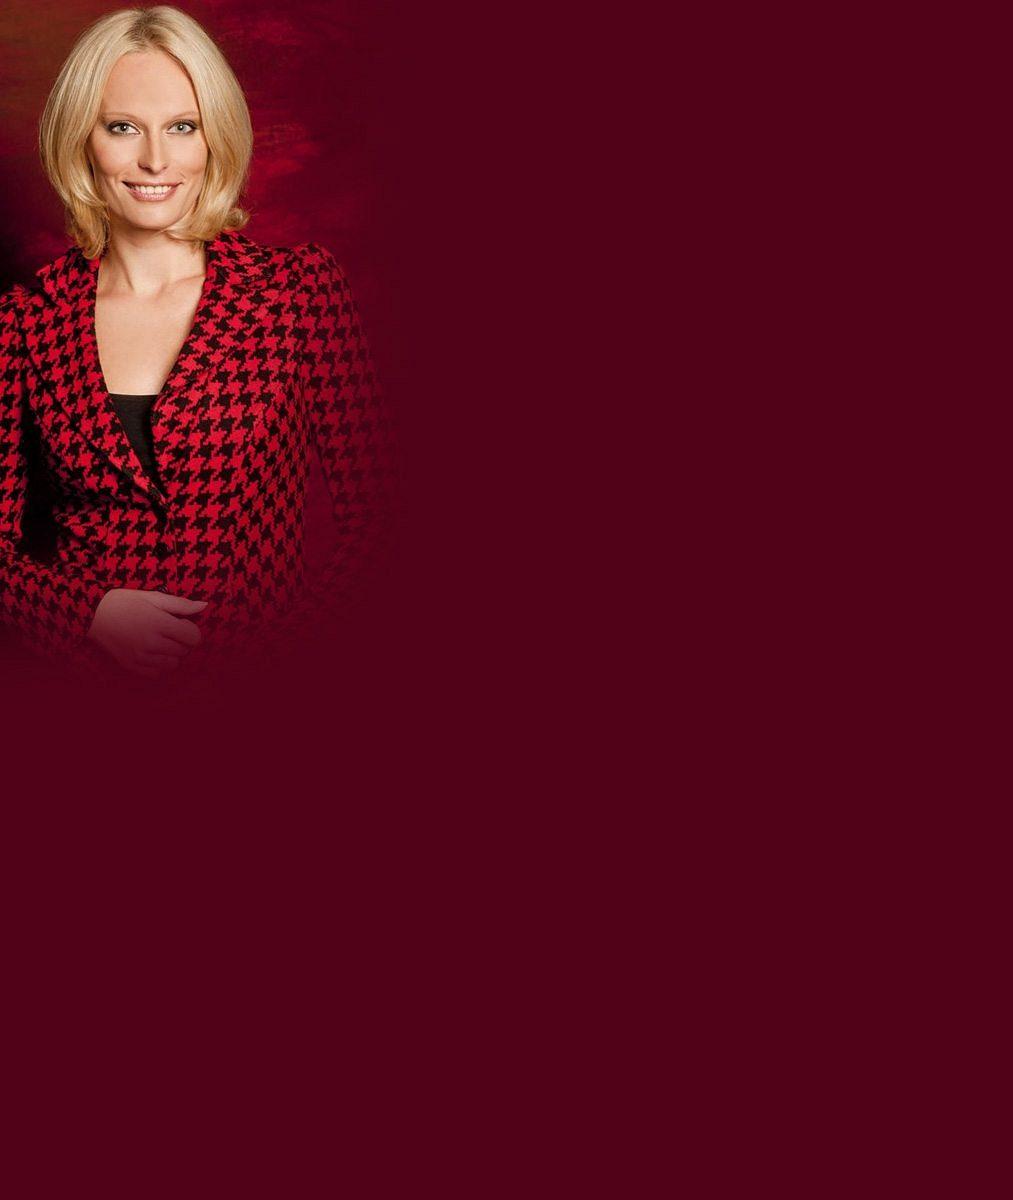 Pokud by přišla o práci v Televizních novinách, živila by se úplně jinak: K tomuto povolání tíhne známá blondýnka